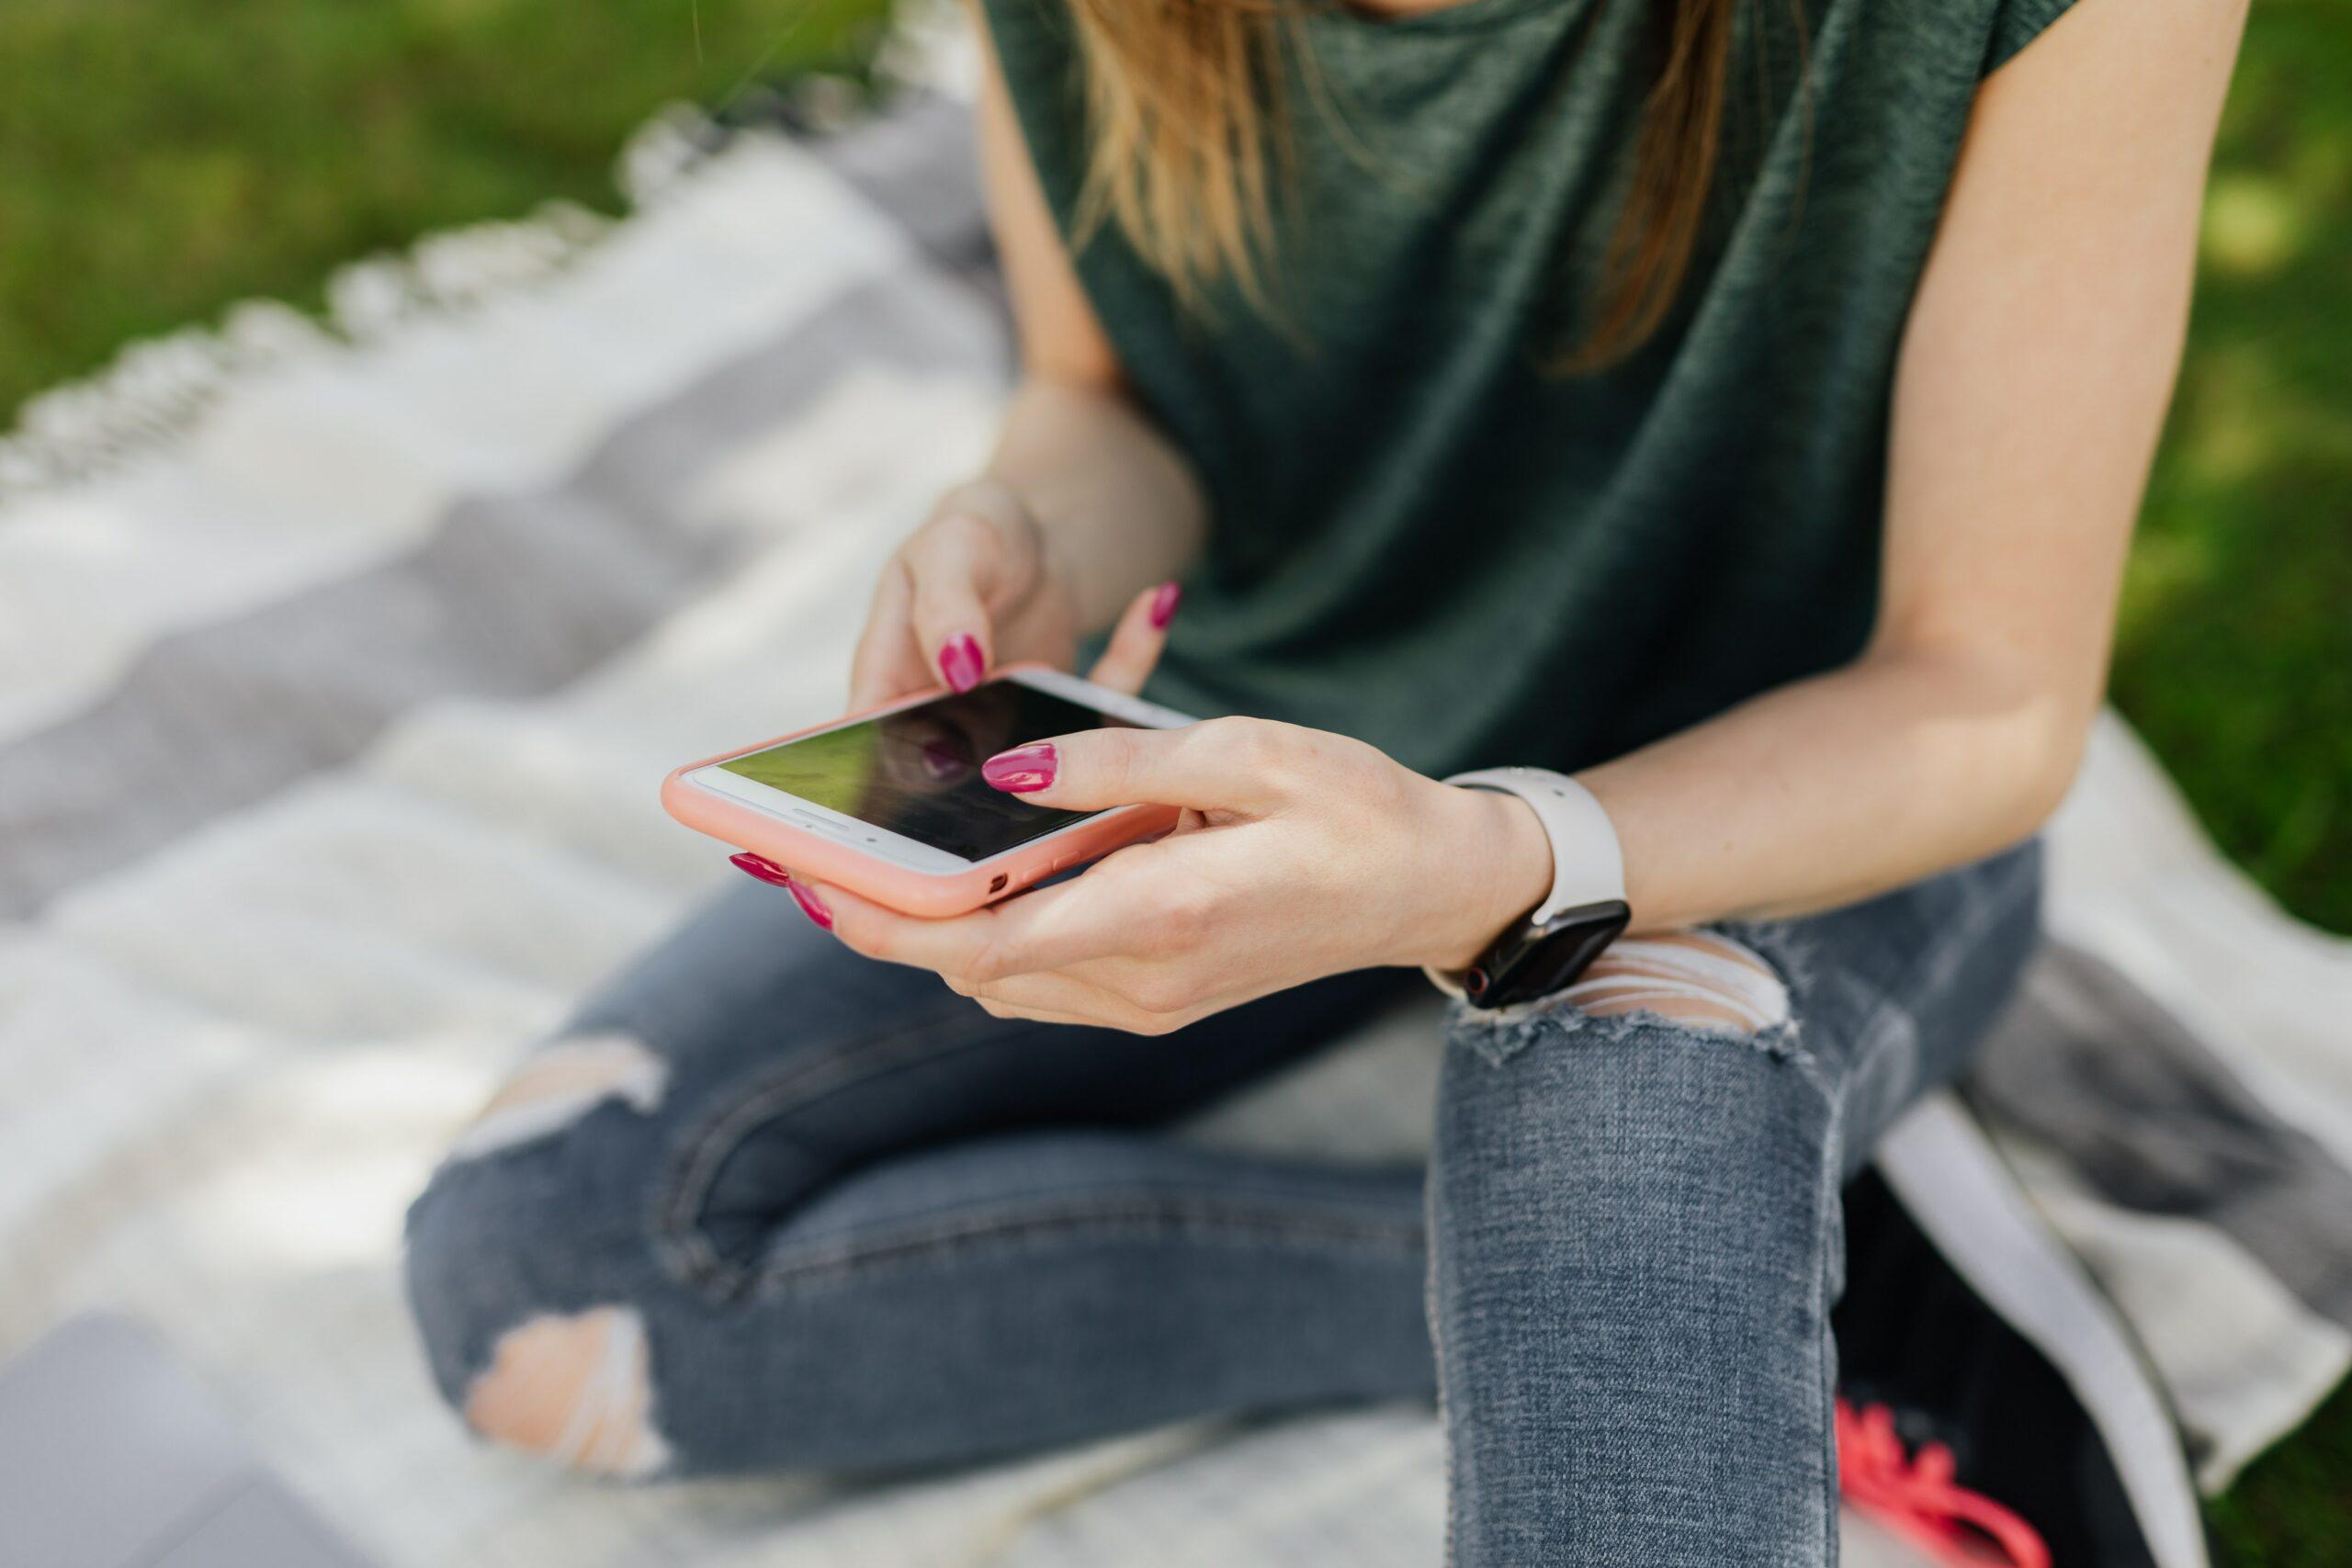 Aplikaci Facebook Messenger již brzy uzamknete pomocí Face ID